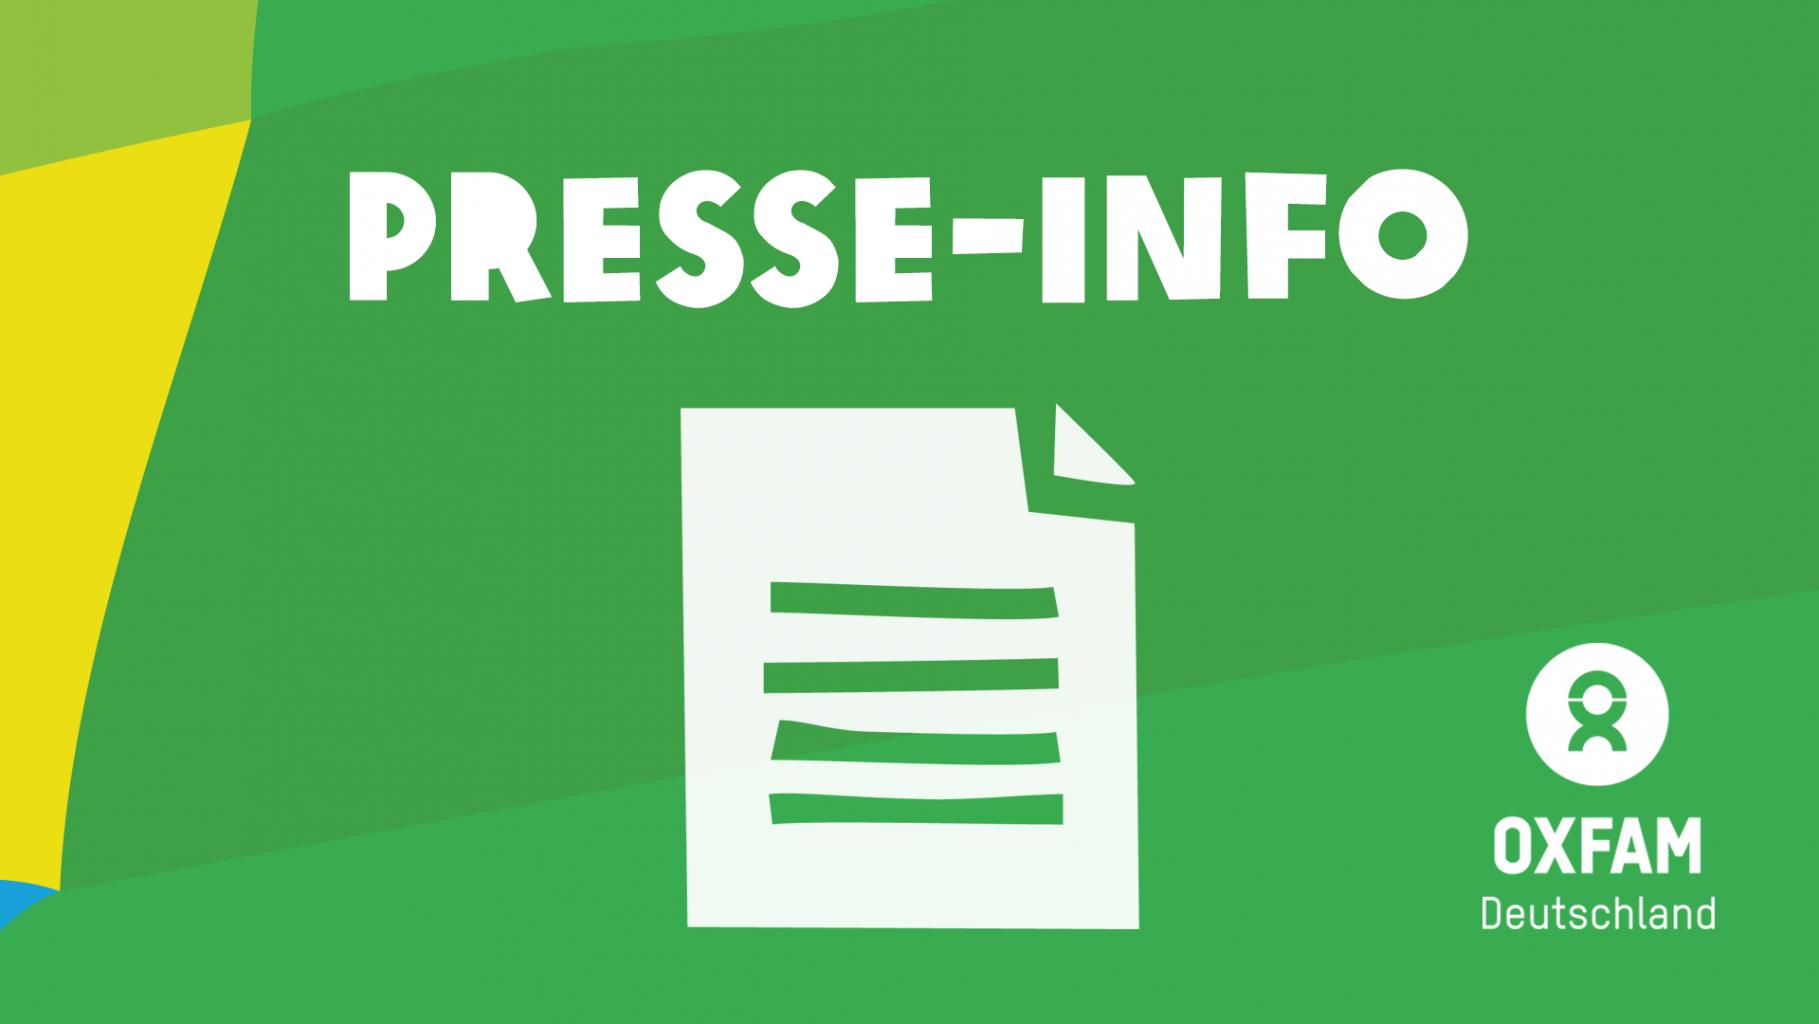 Presse-Info